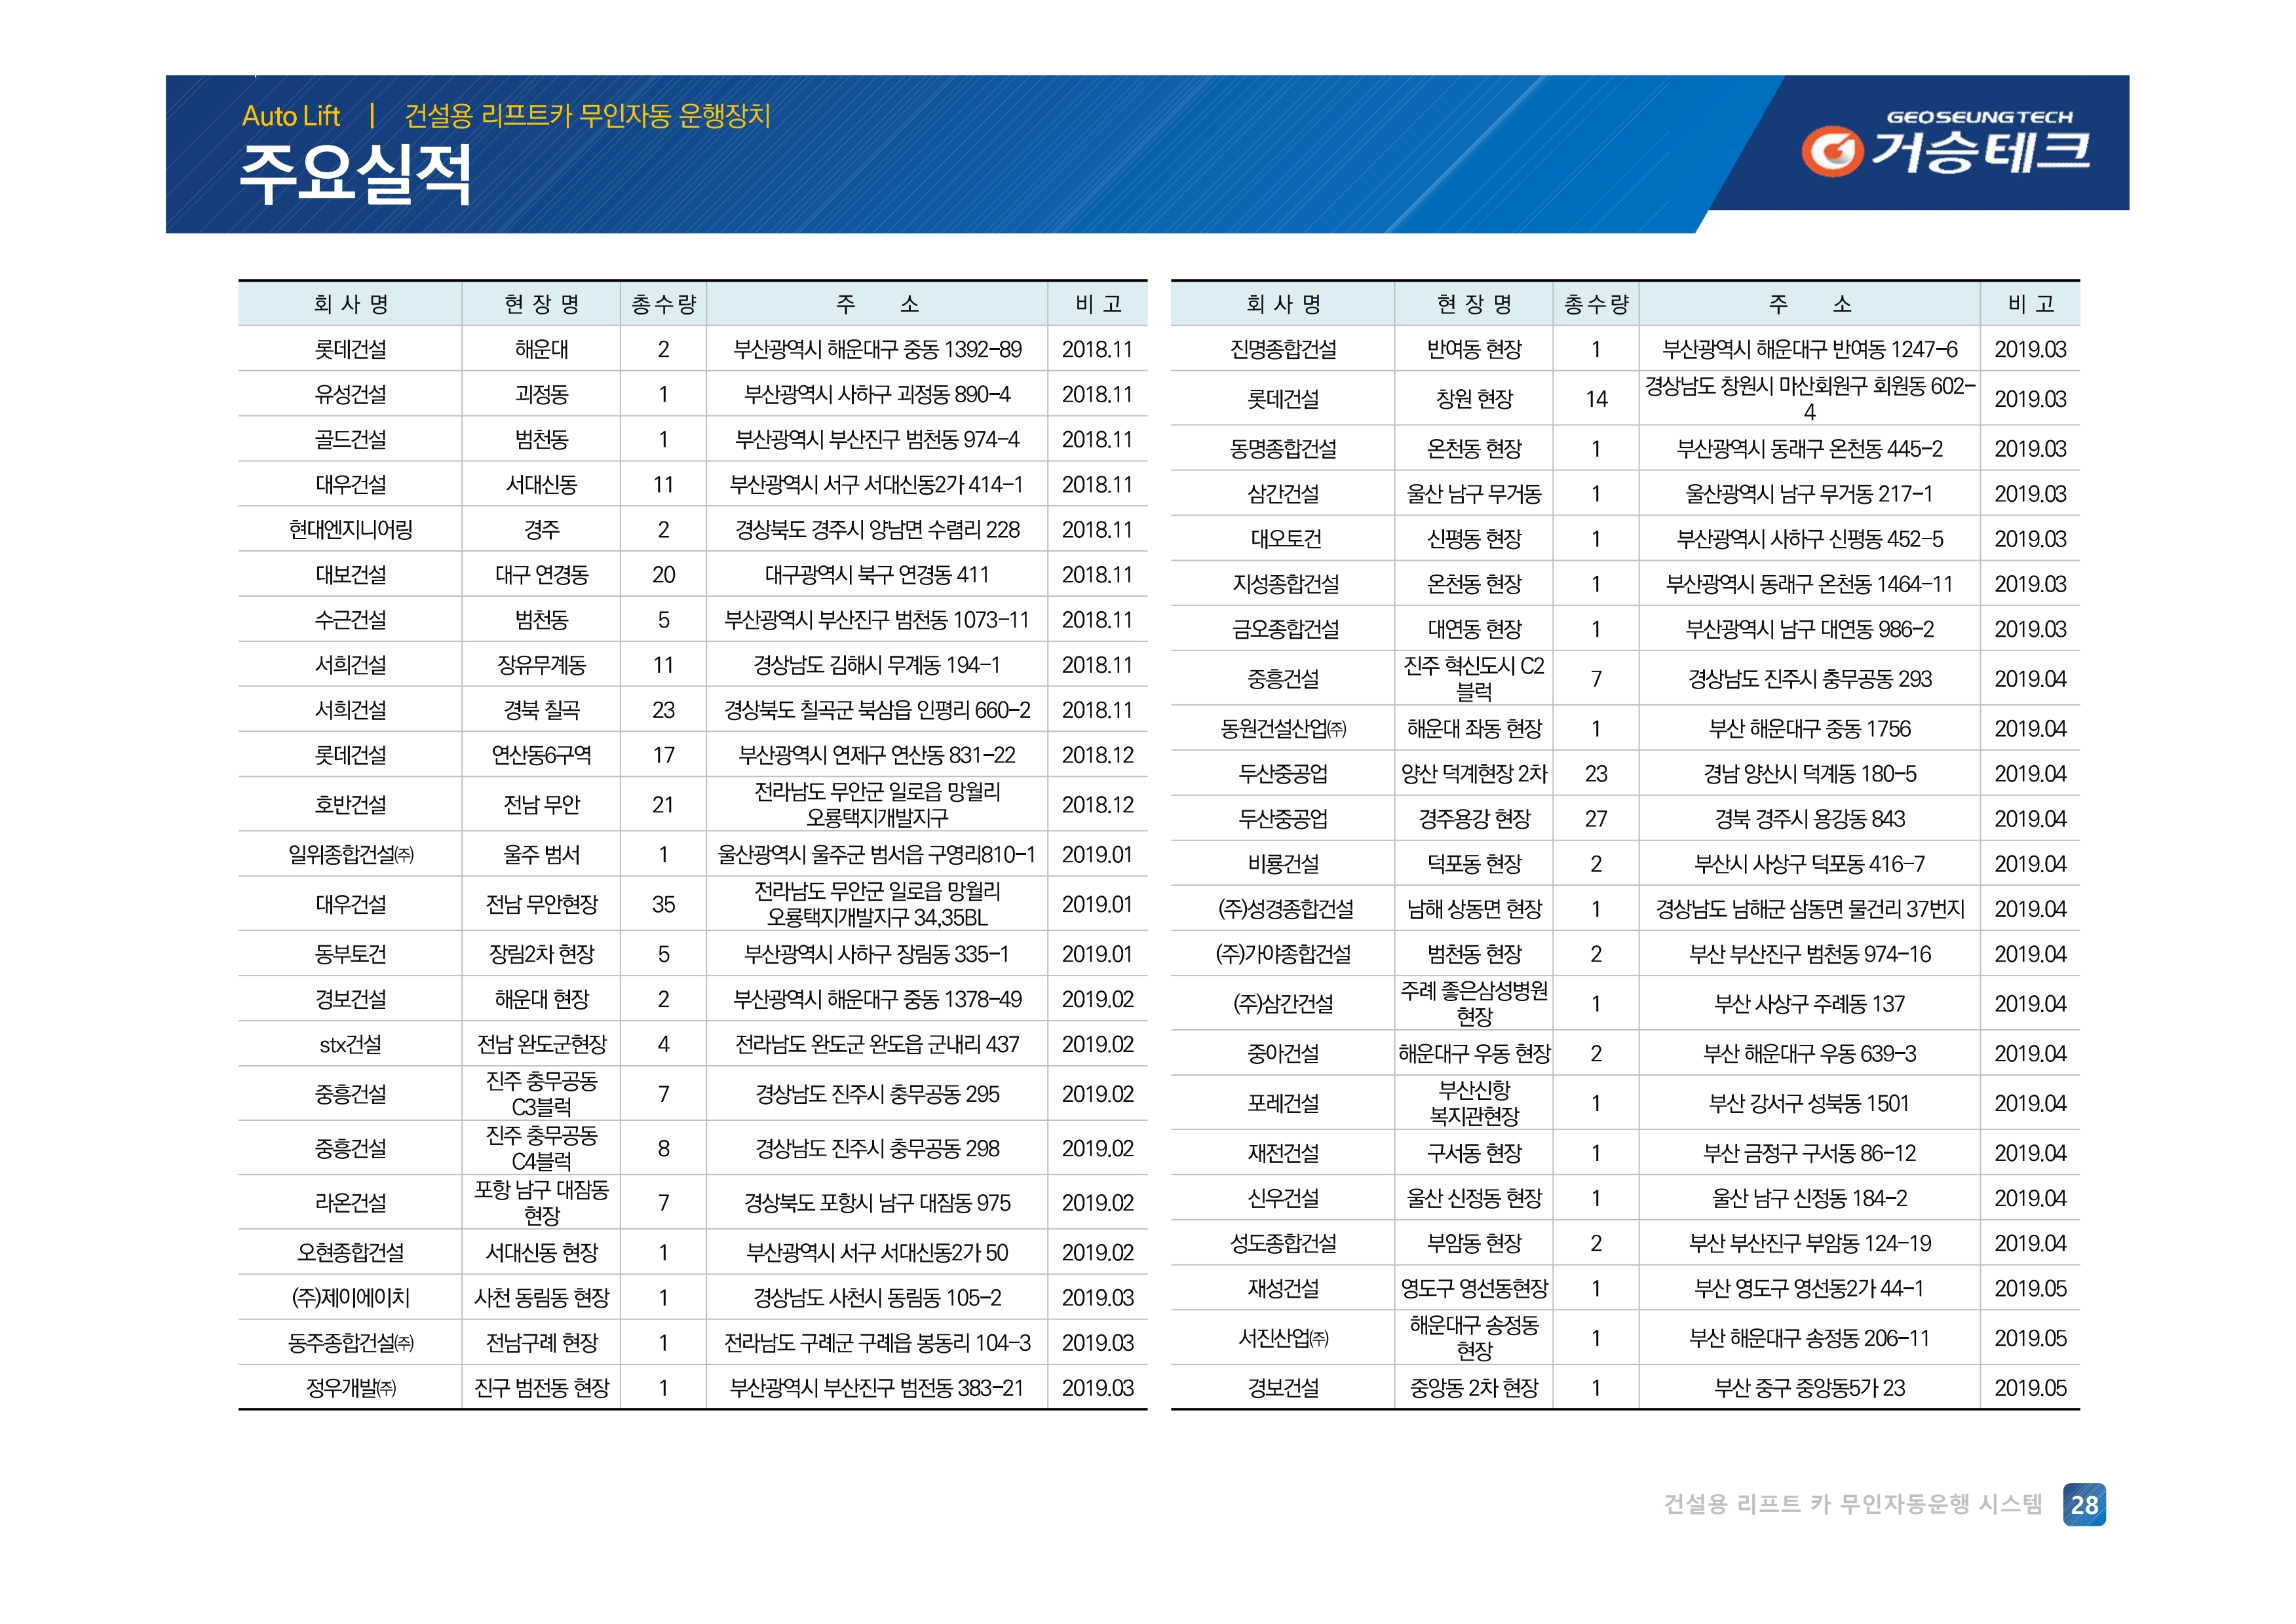 무인자동 (거승테크)-Rev01 (2020-07-22).pdf_page_28.jpg